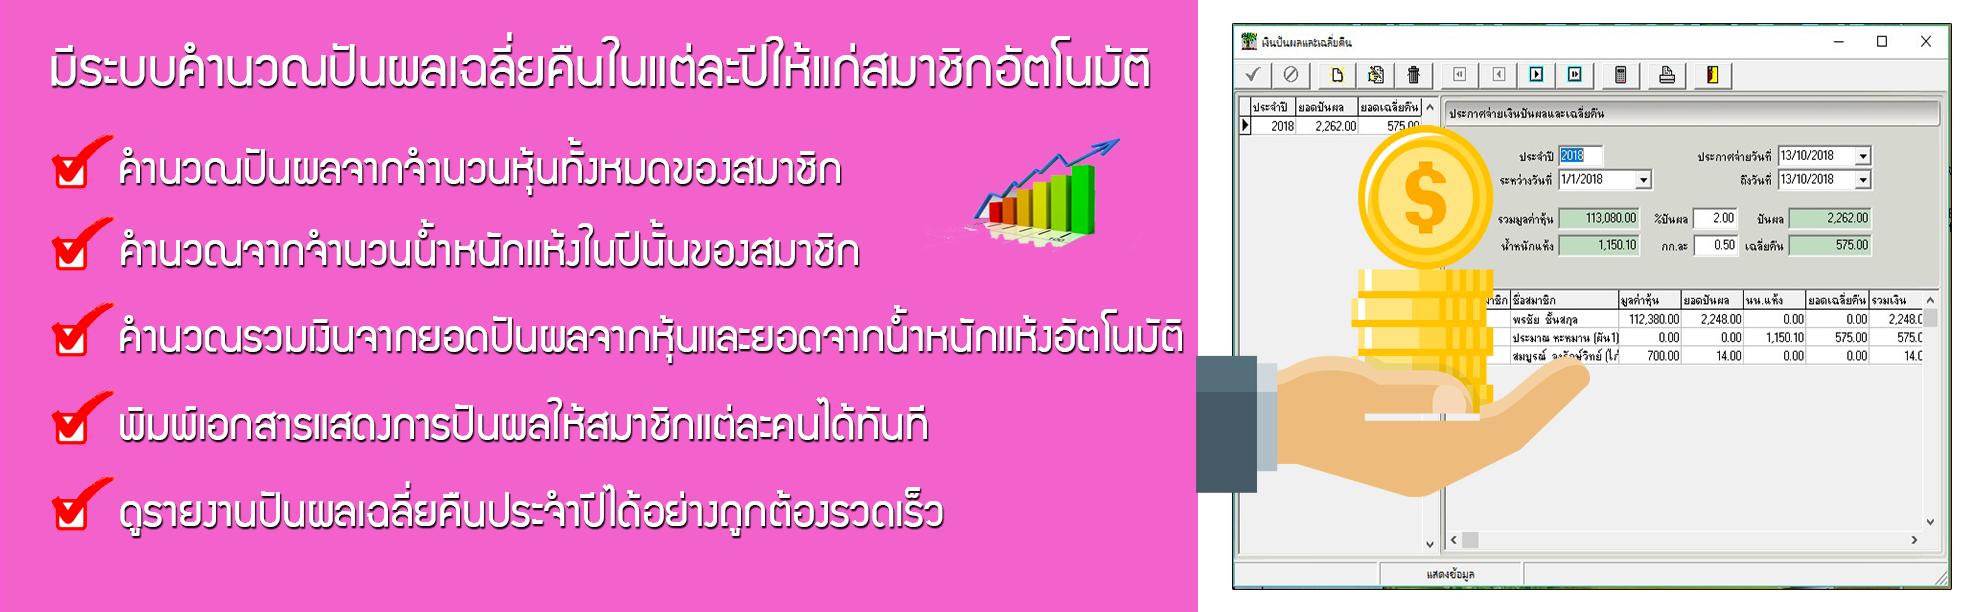 คำนวณปันผลเฉลี่ยคืนแต่ละปีให้สมาชิก-ฟังก์ชั่นโปรแกรมสหกรณ์ thailatexcoop